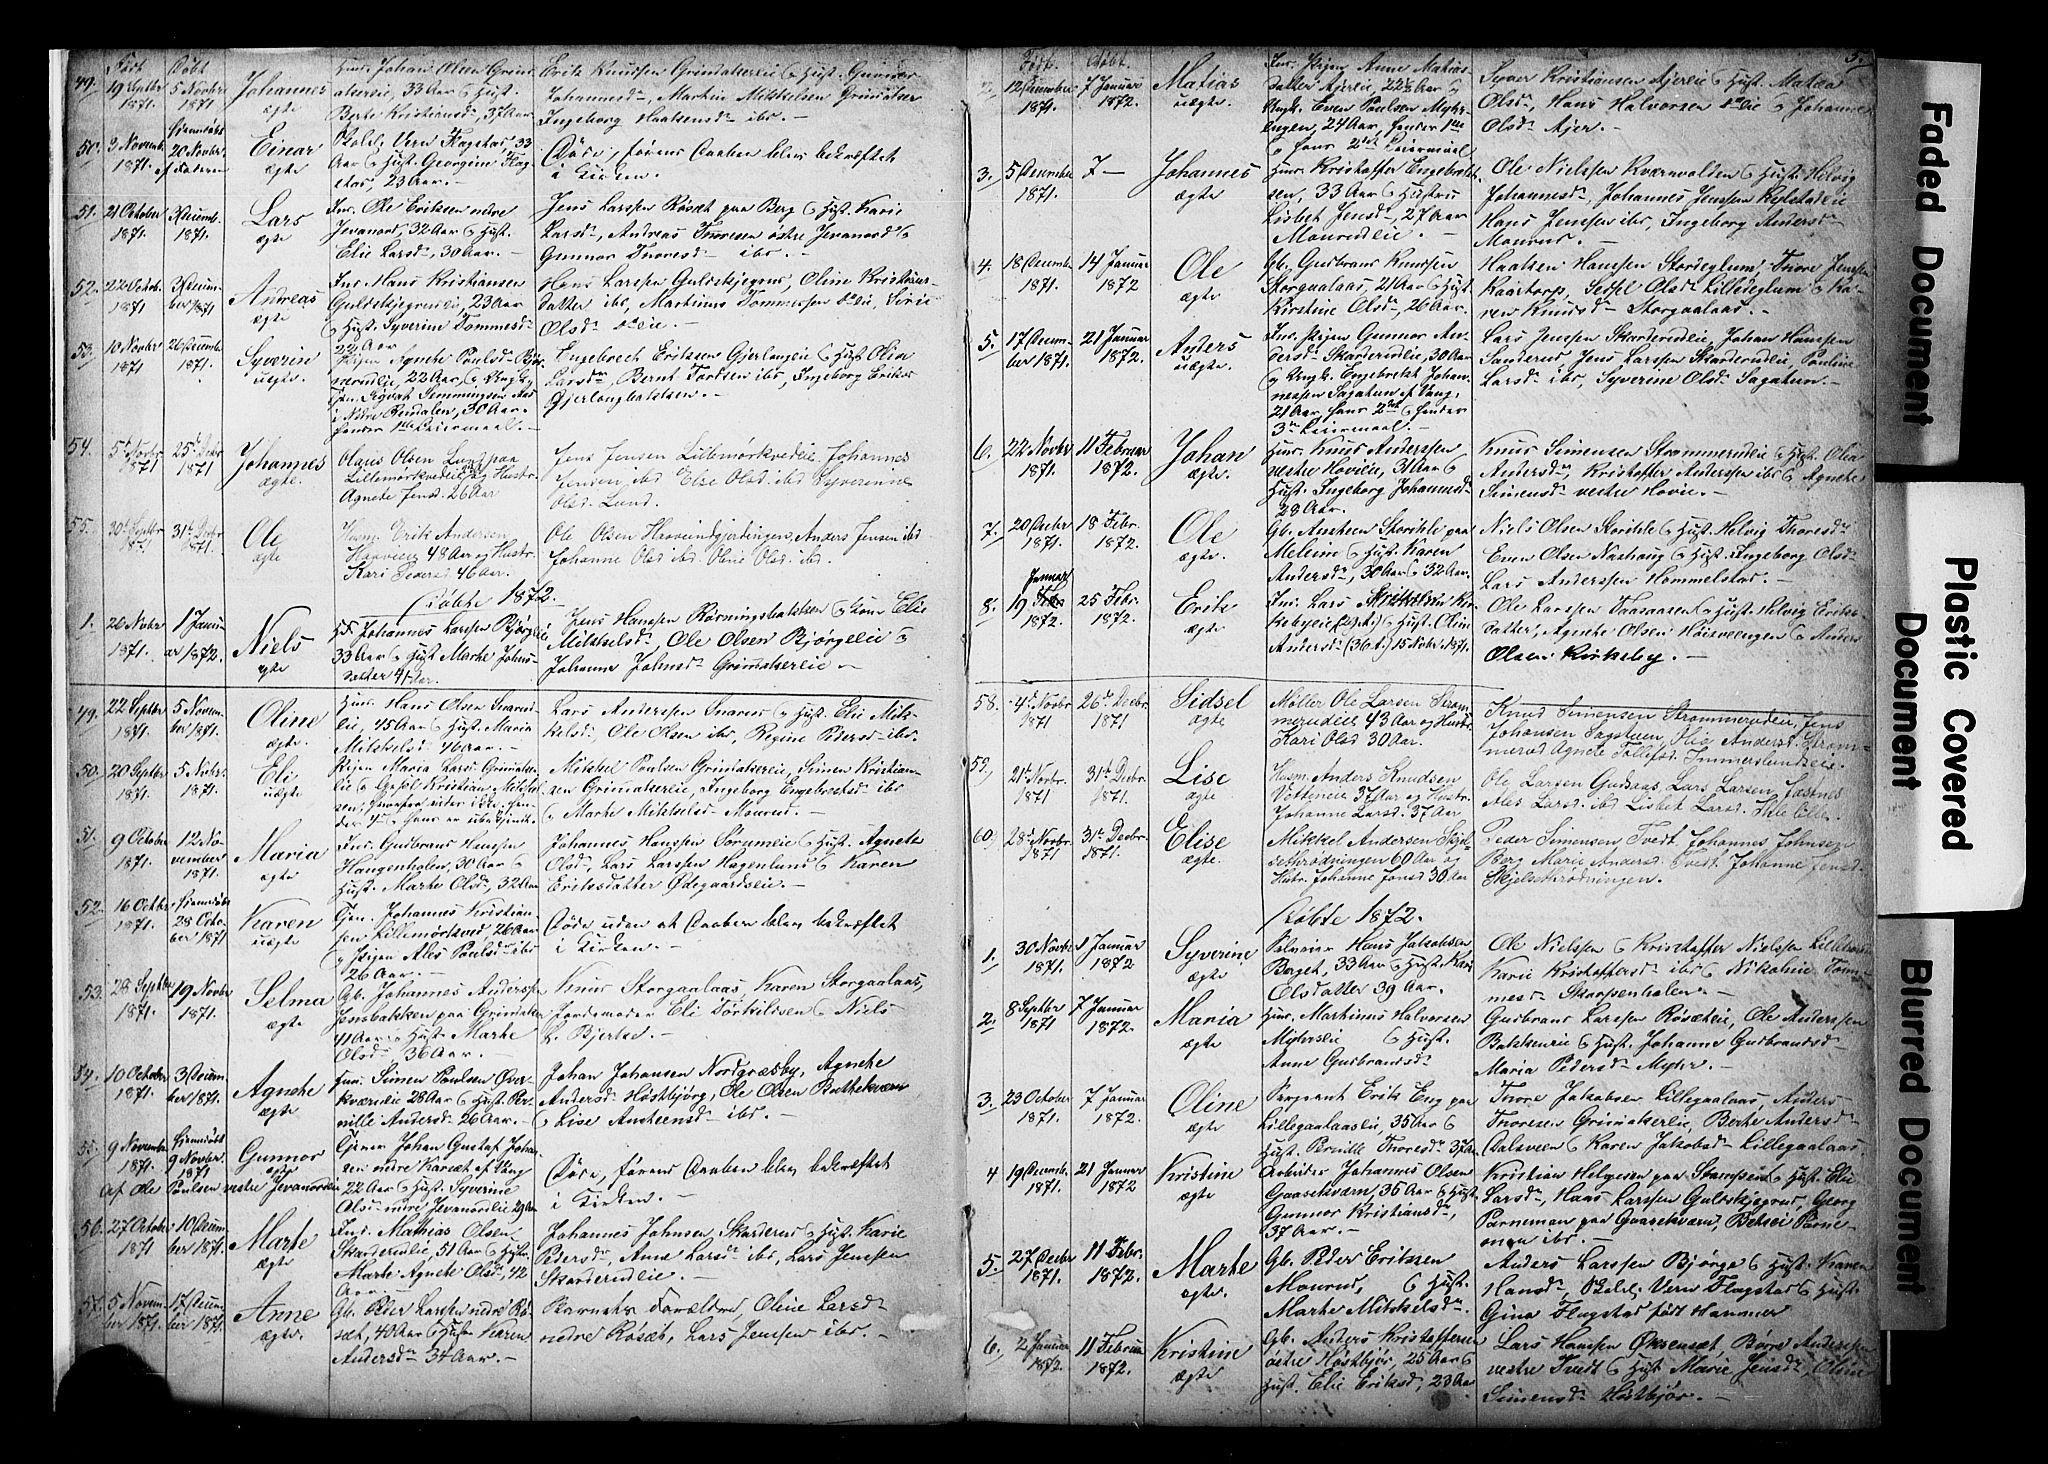 SAH, Vang prestekontor, Hedmark, H/Ha/Hab/L0018: Klokkerbok nr. 18, 1871-1903, s. 5